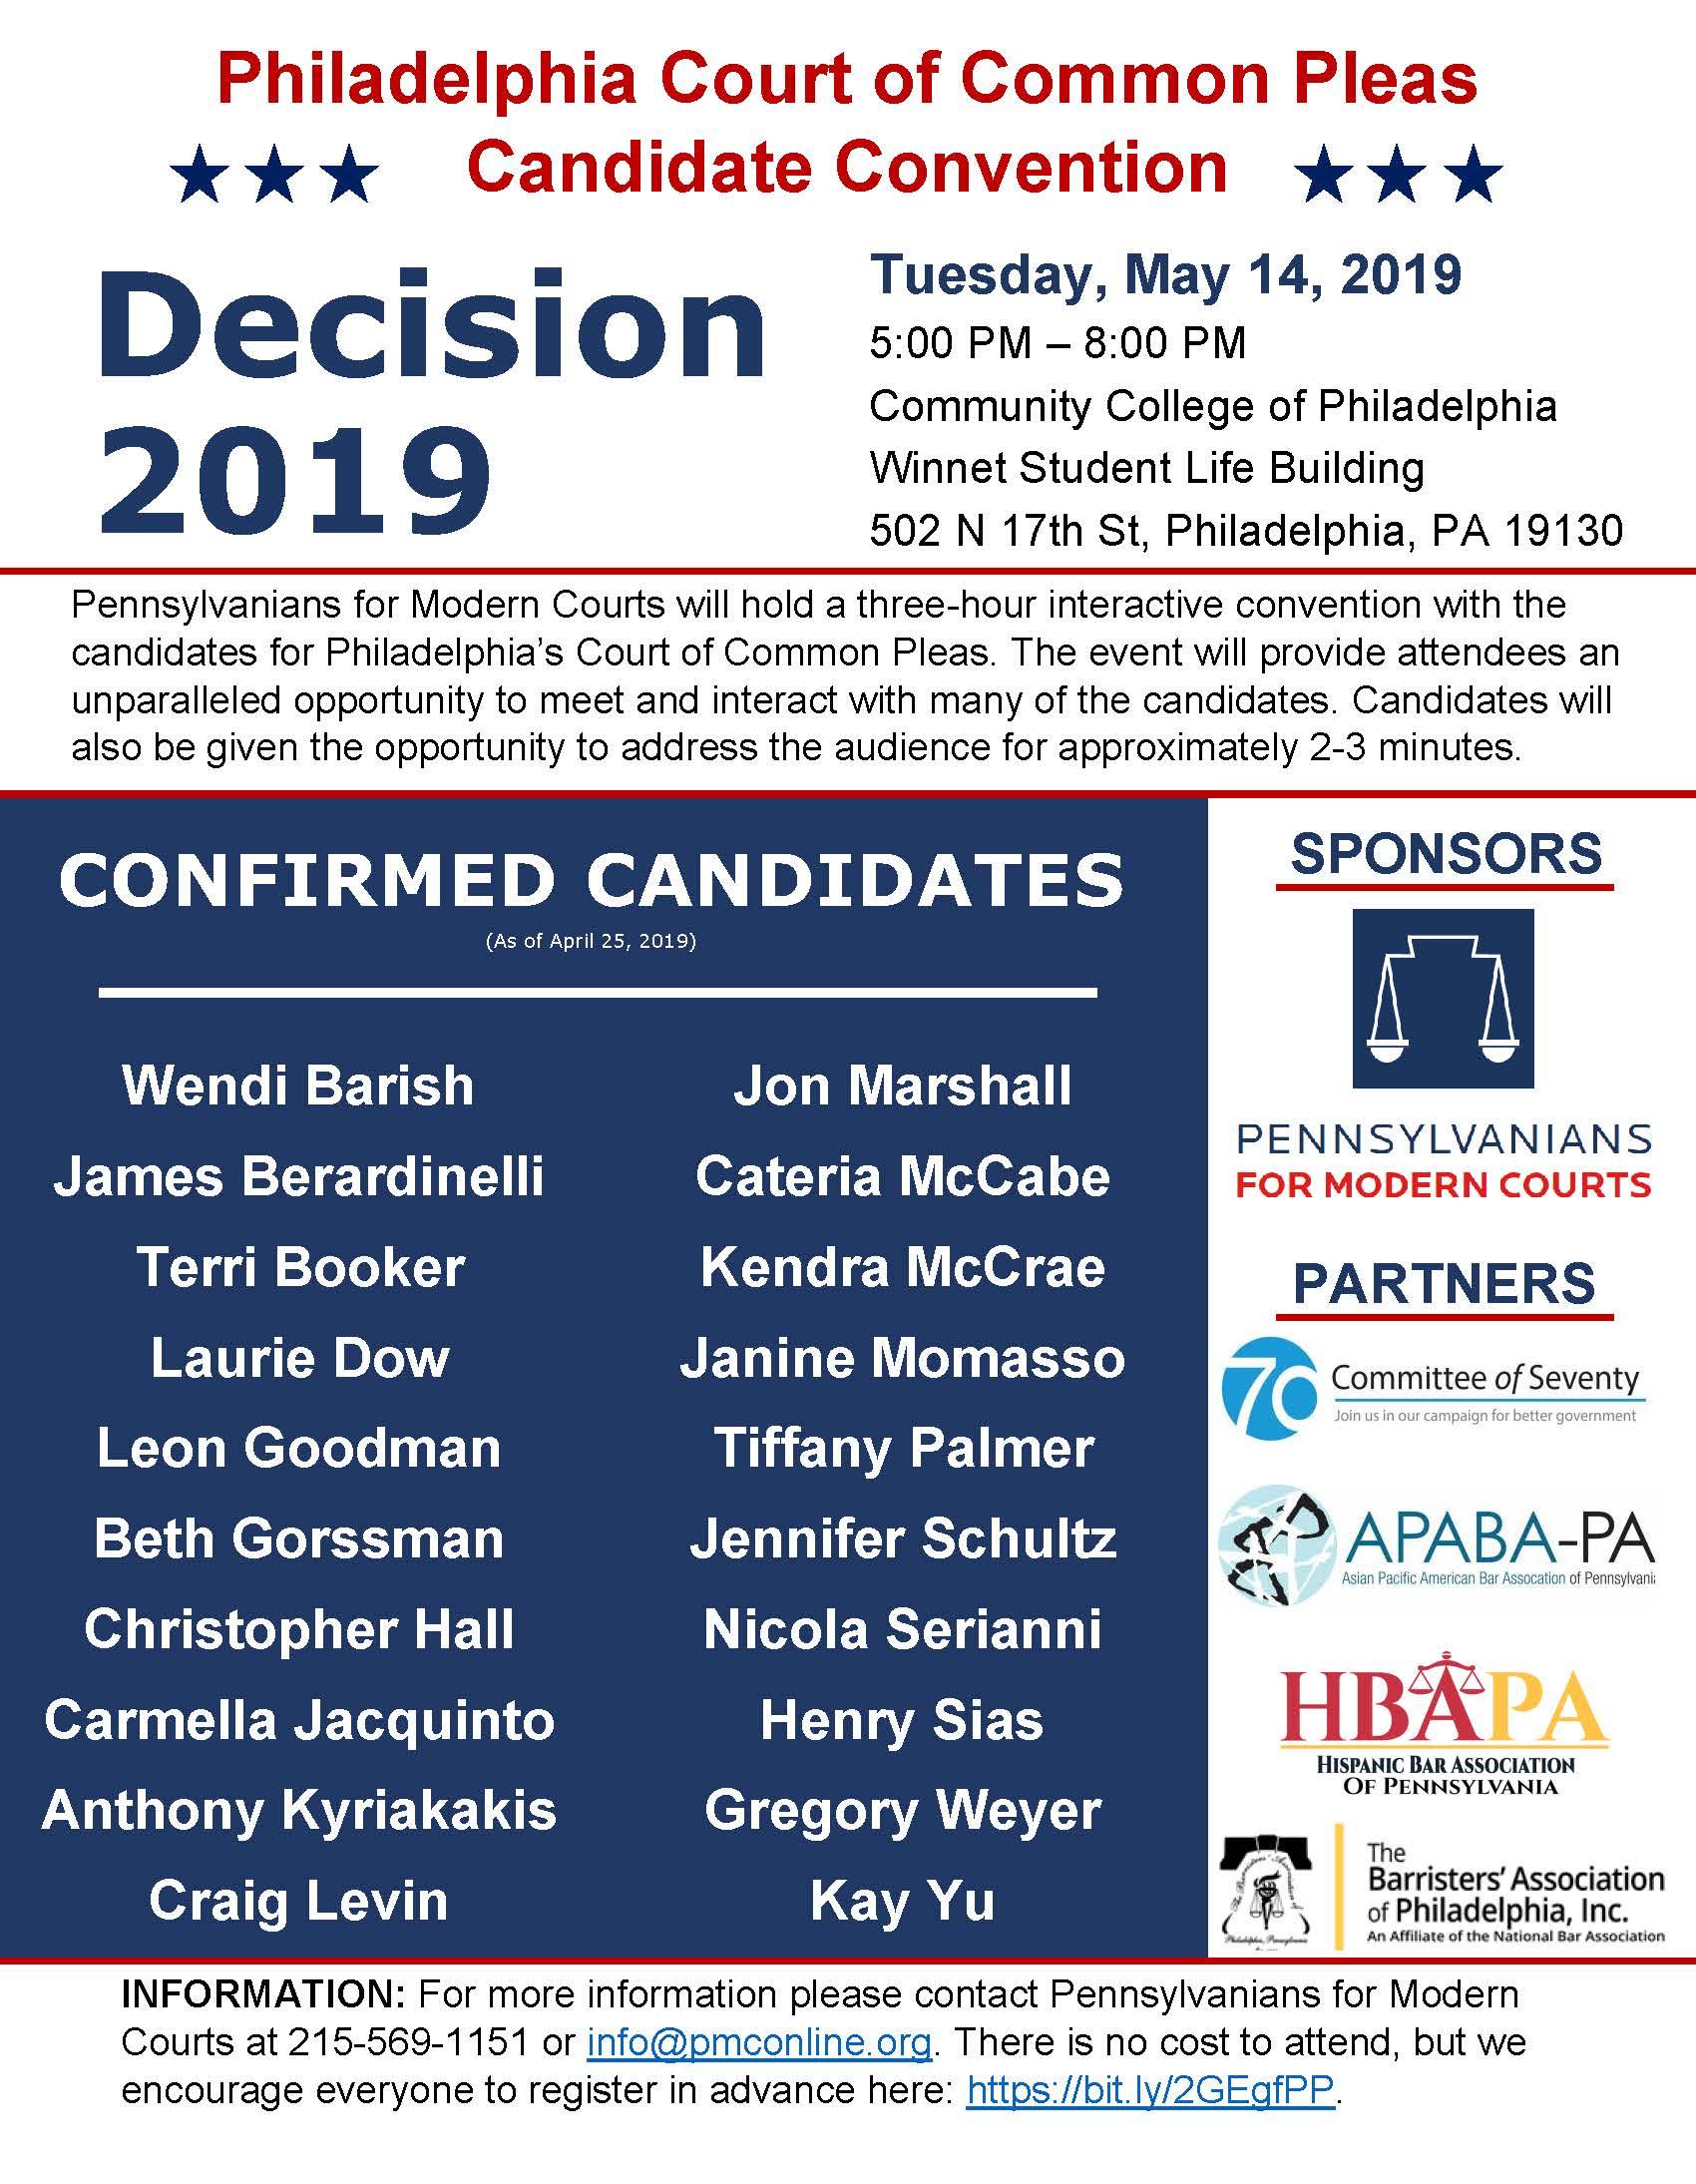 Philadelphia Court of Common Pleas Candidate Flyer.jpg